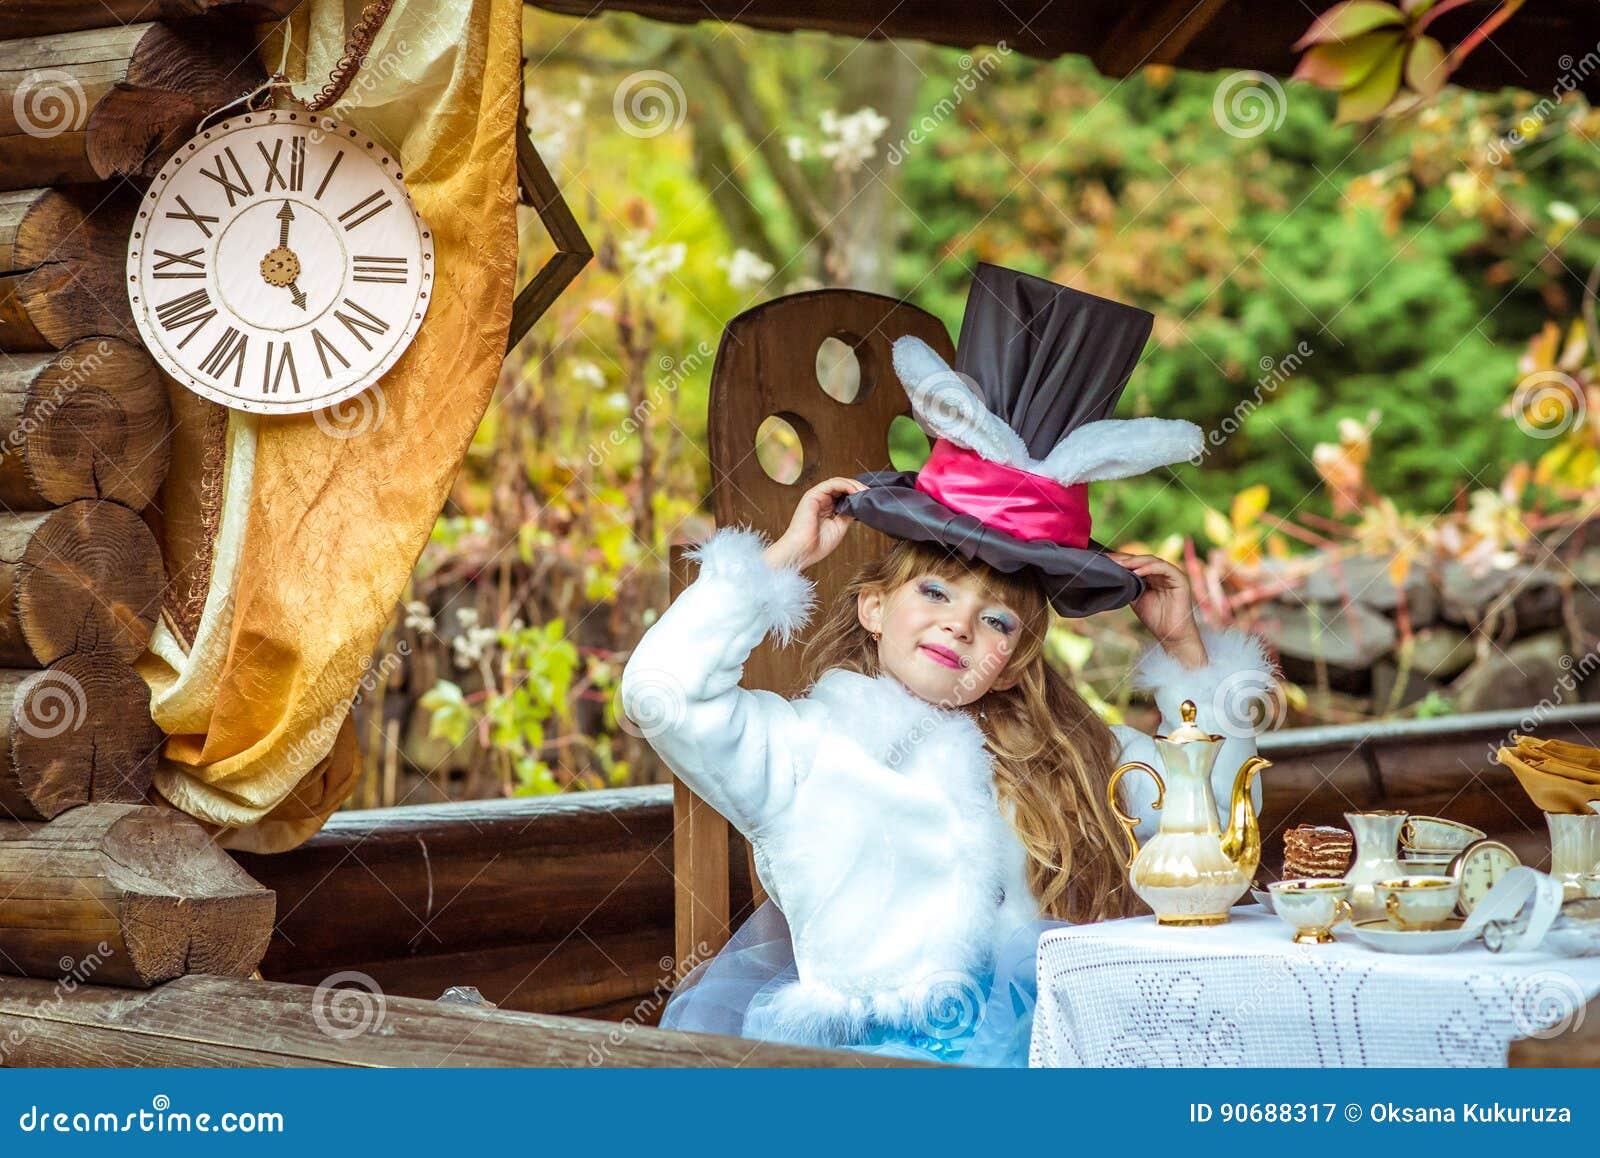 拿着有耳朵的一个小美丽的女孩圆筒帽子喜欢兔子顶上在桌上